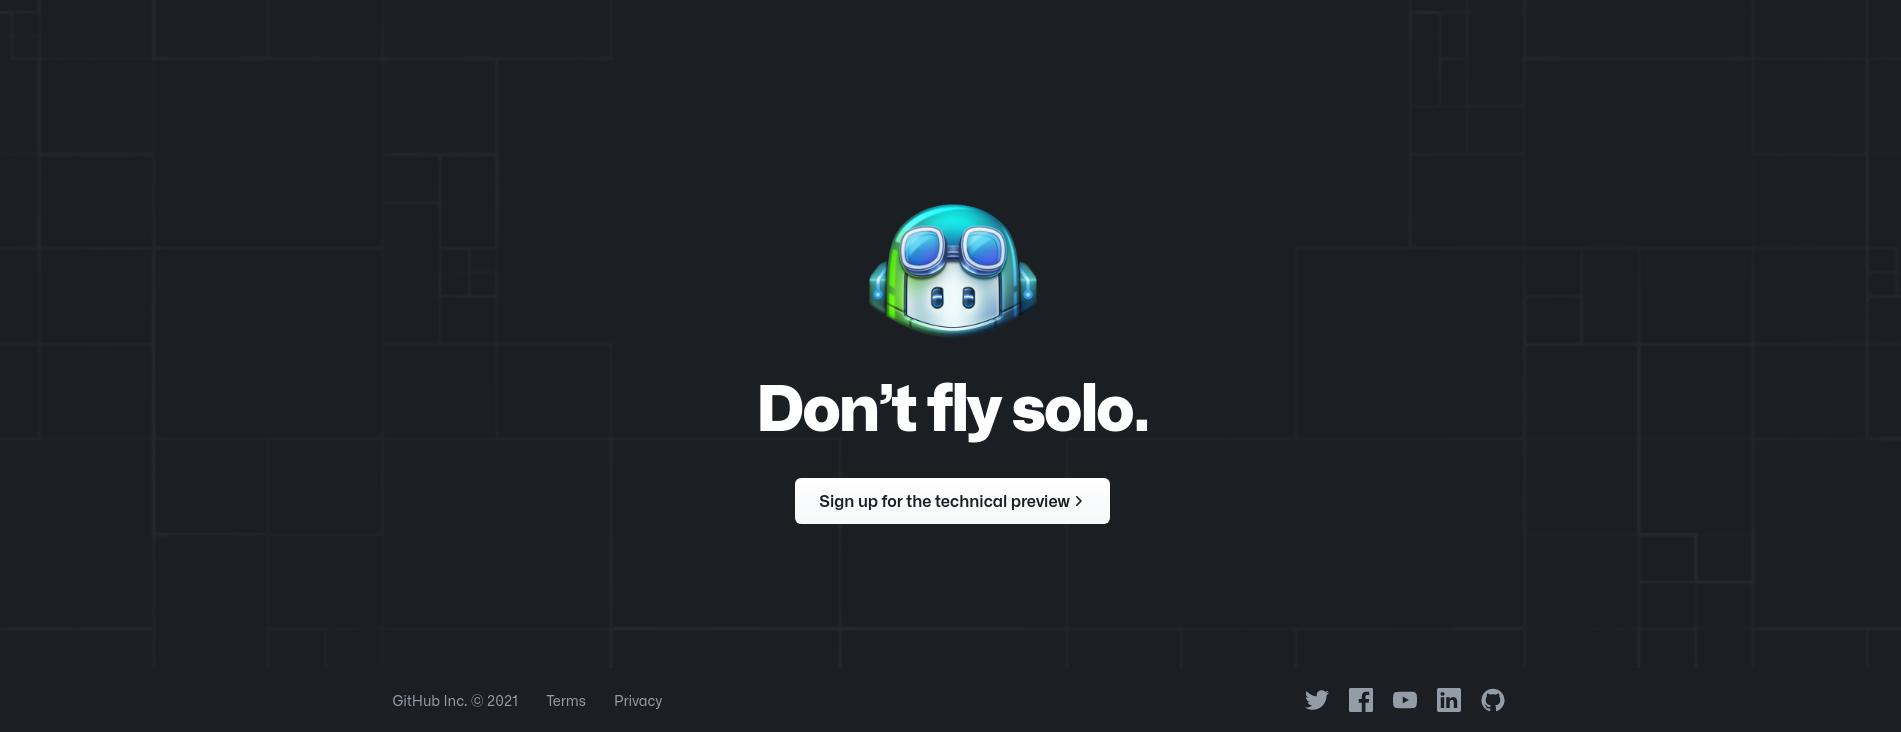 GitHub copilot announcement